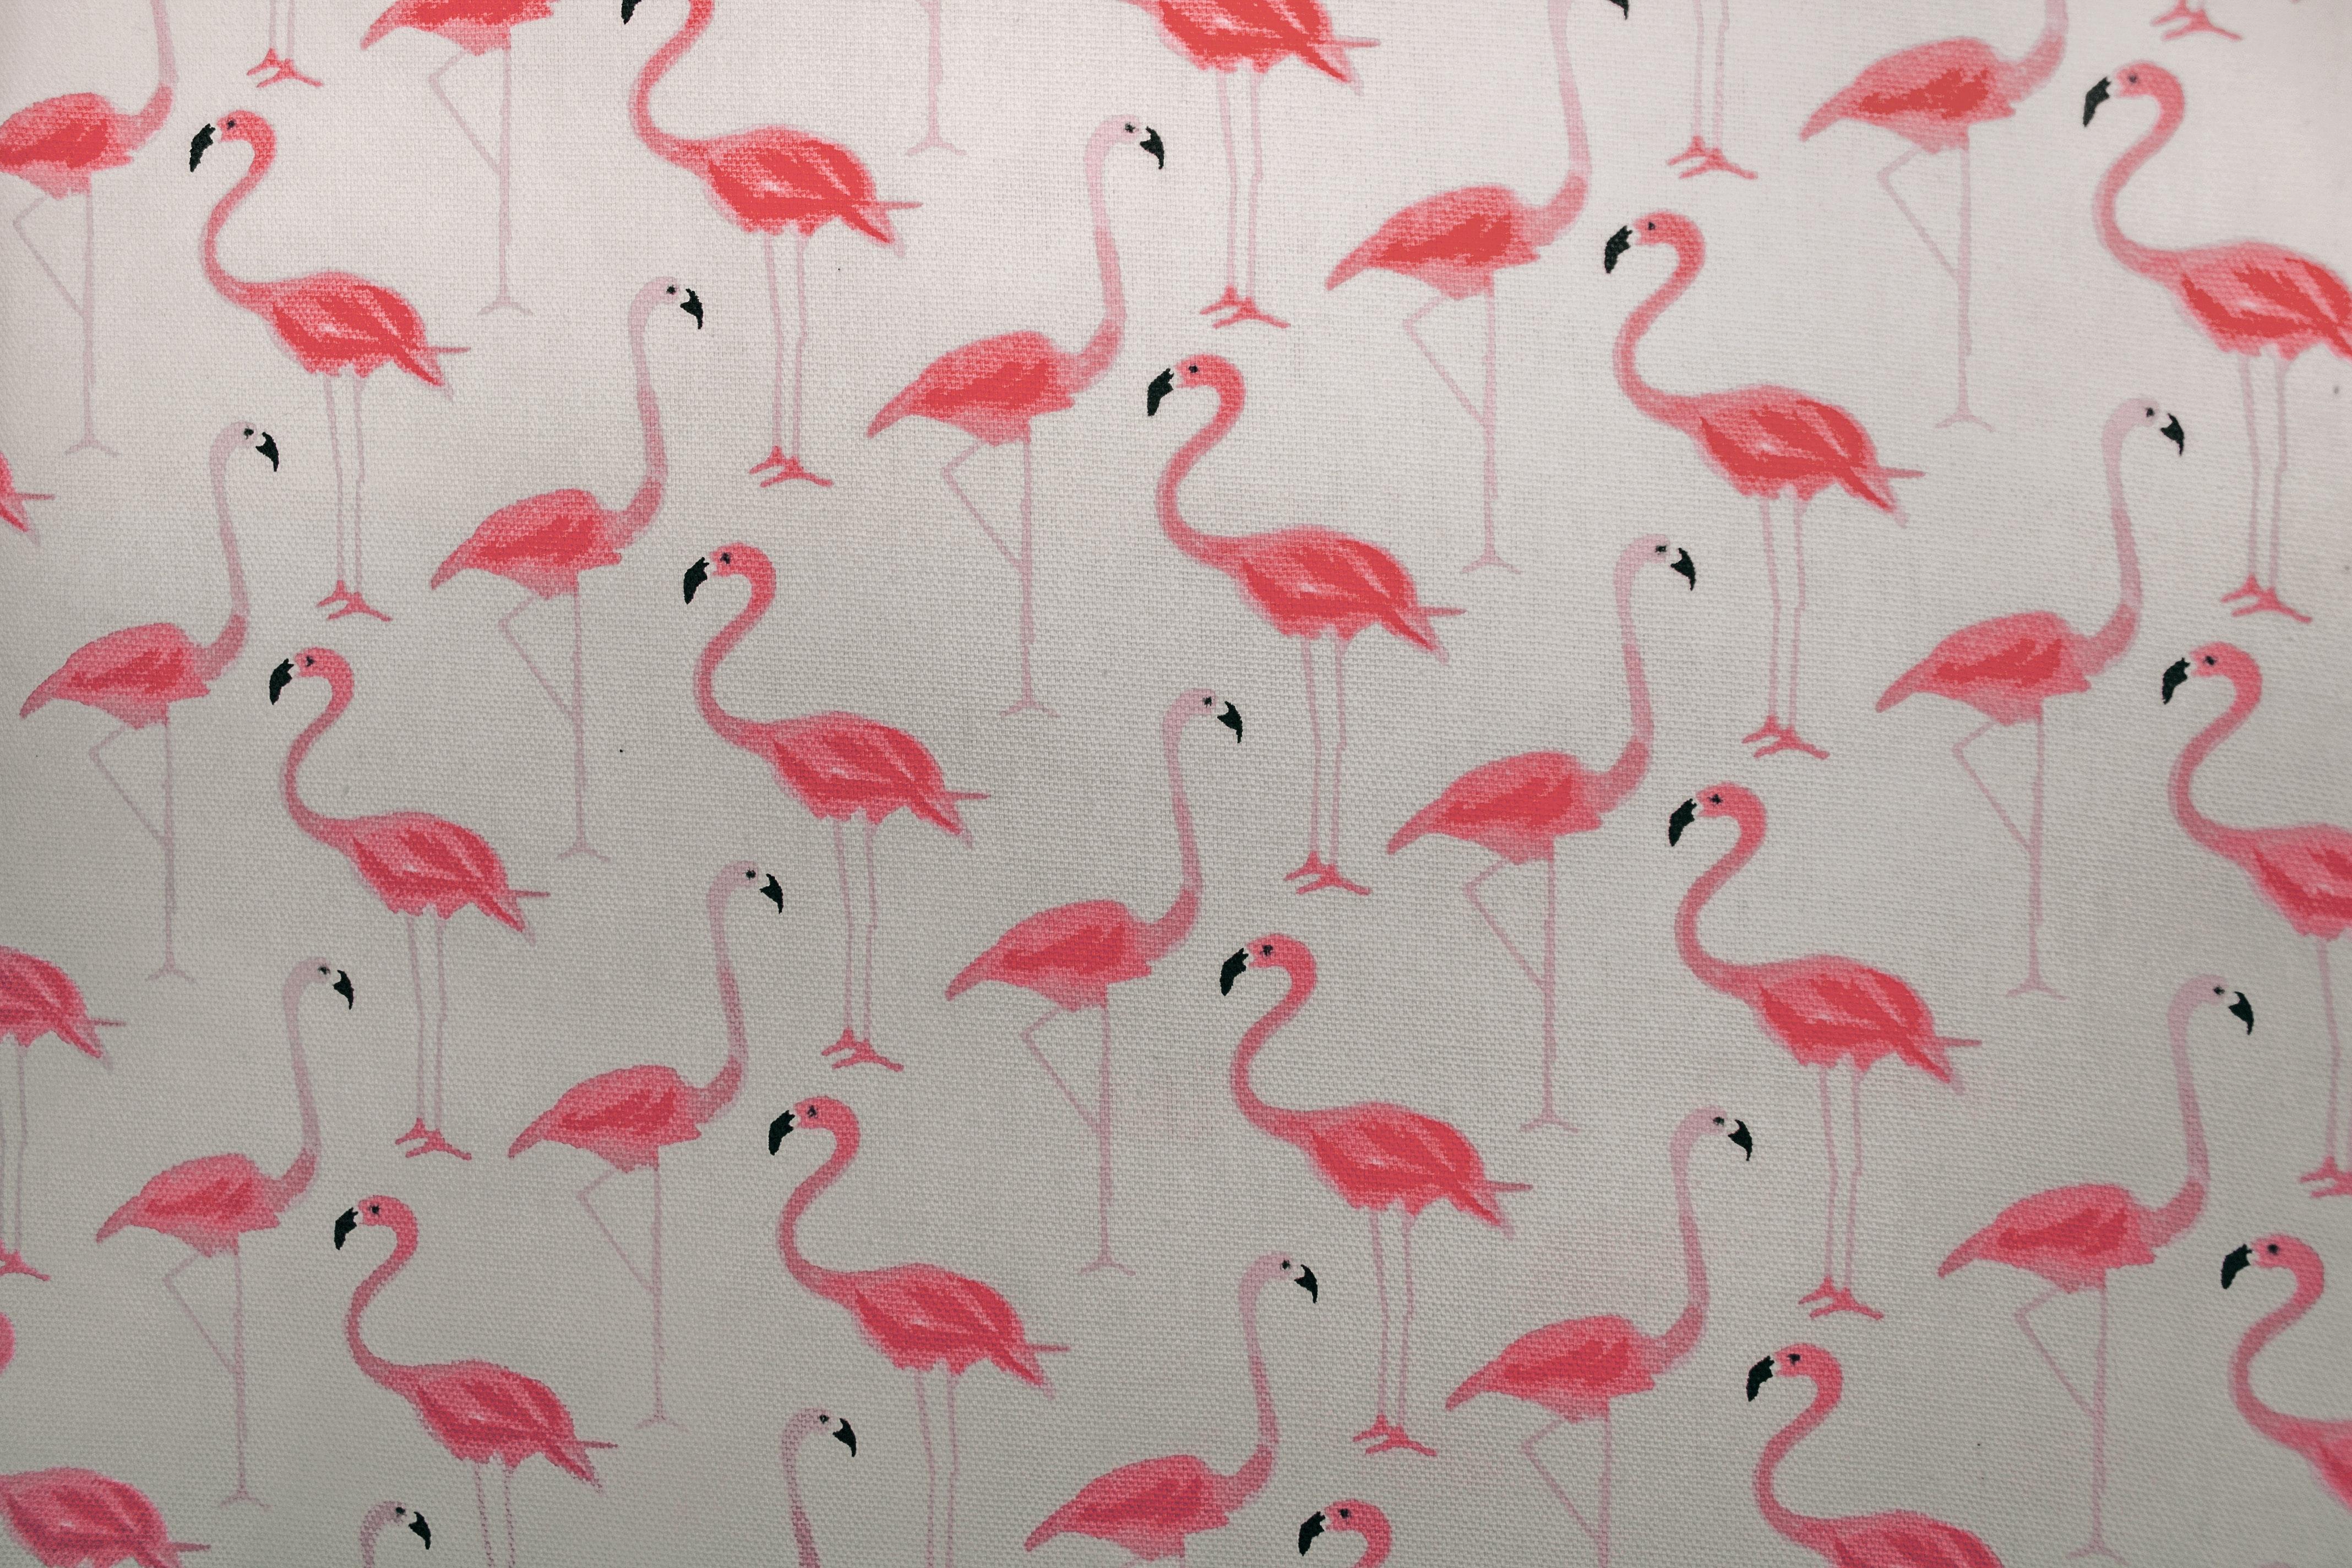 Gambar Berwarna Merah Muda Flamingo Burung Air Daun Bunga